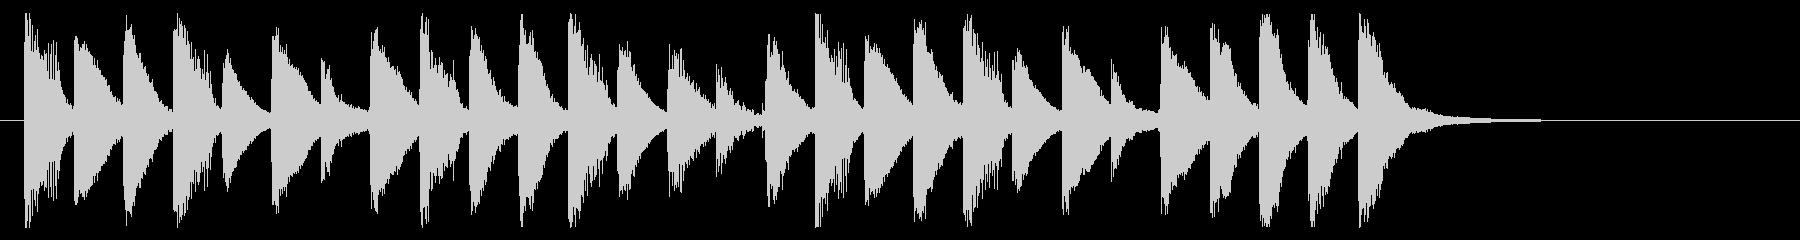 ポップ、軽やか、楽しいサウンドロゴの未再生の波形